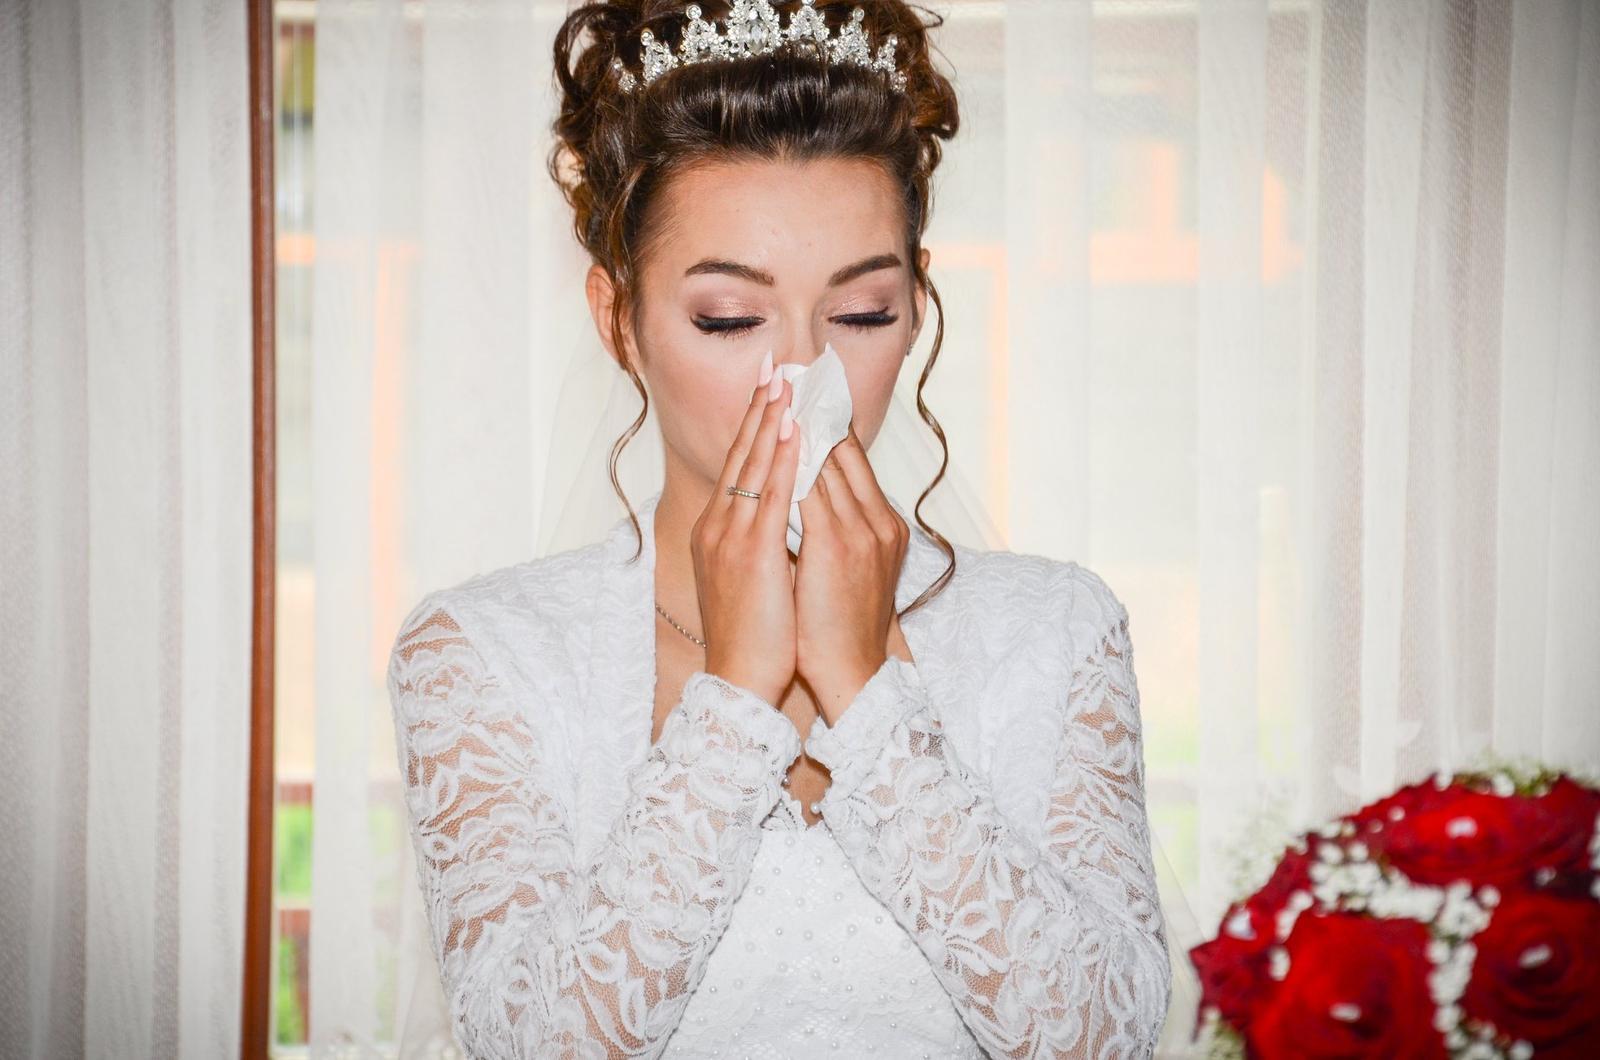 Svatba 20.6.2020 Halenkov Vsetín 😊 - Obrázek č. 3